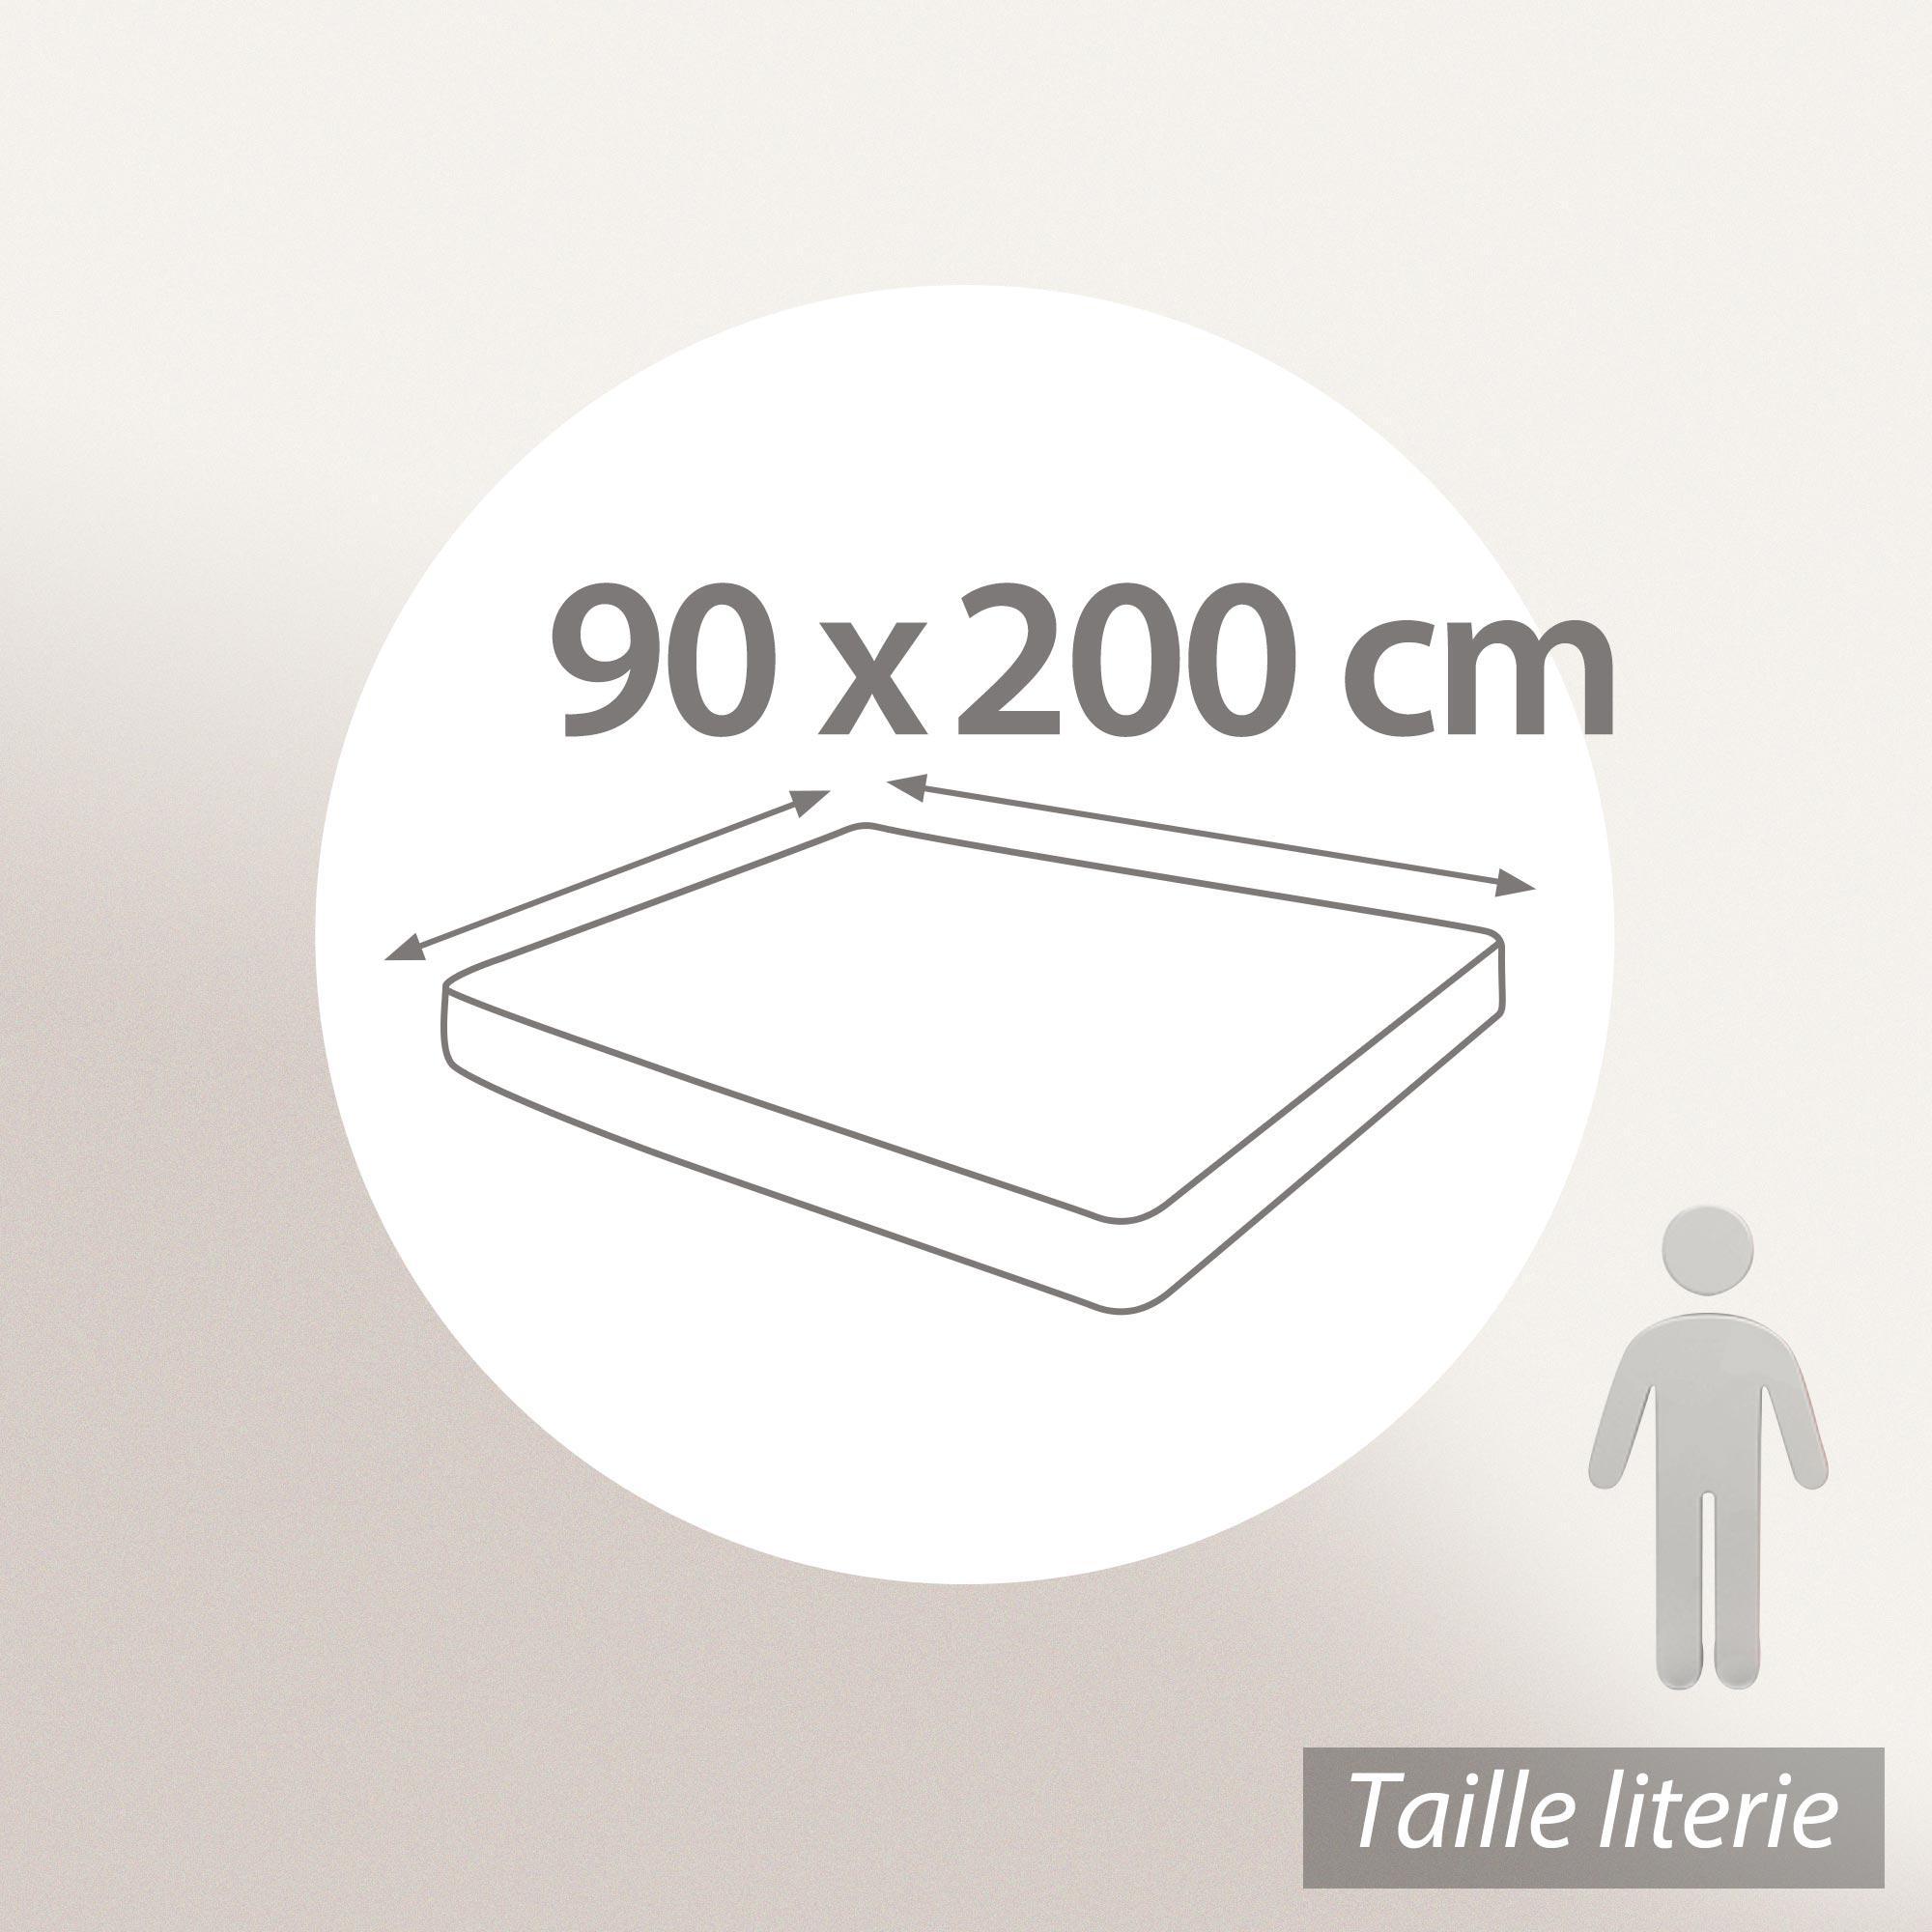 prot ge matelas 90x200 cm achua molleton 100 coton 400 g m2 bonnet 30cm linnea vente de. Black Bedroom Furniture Sets. Home Design Ideas